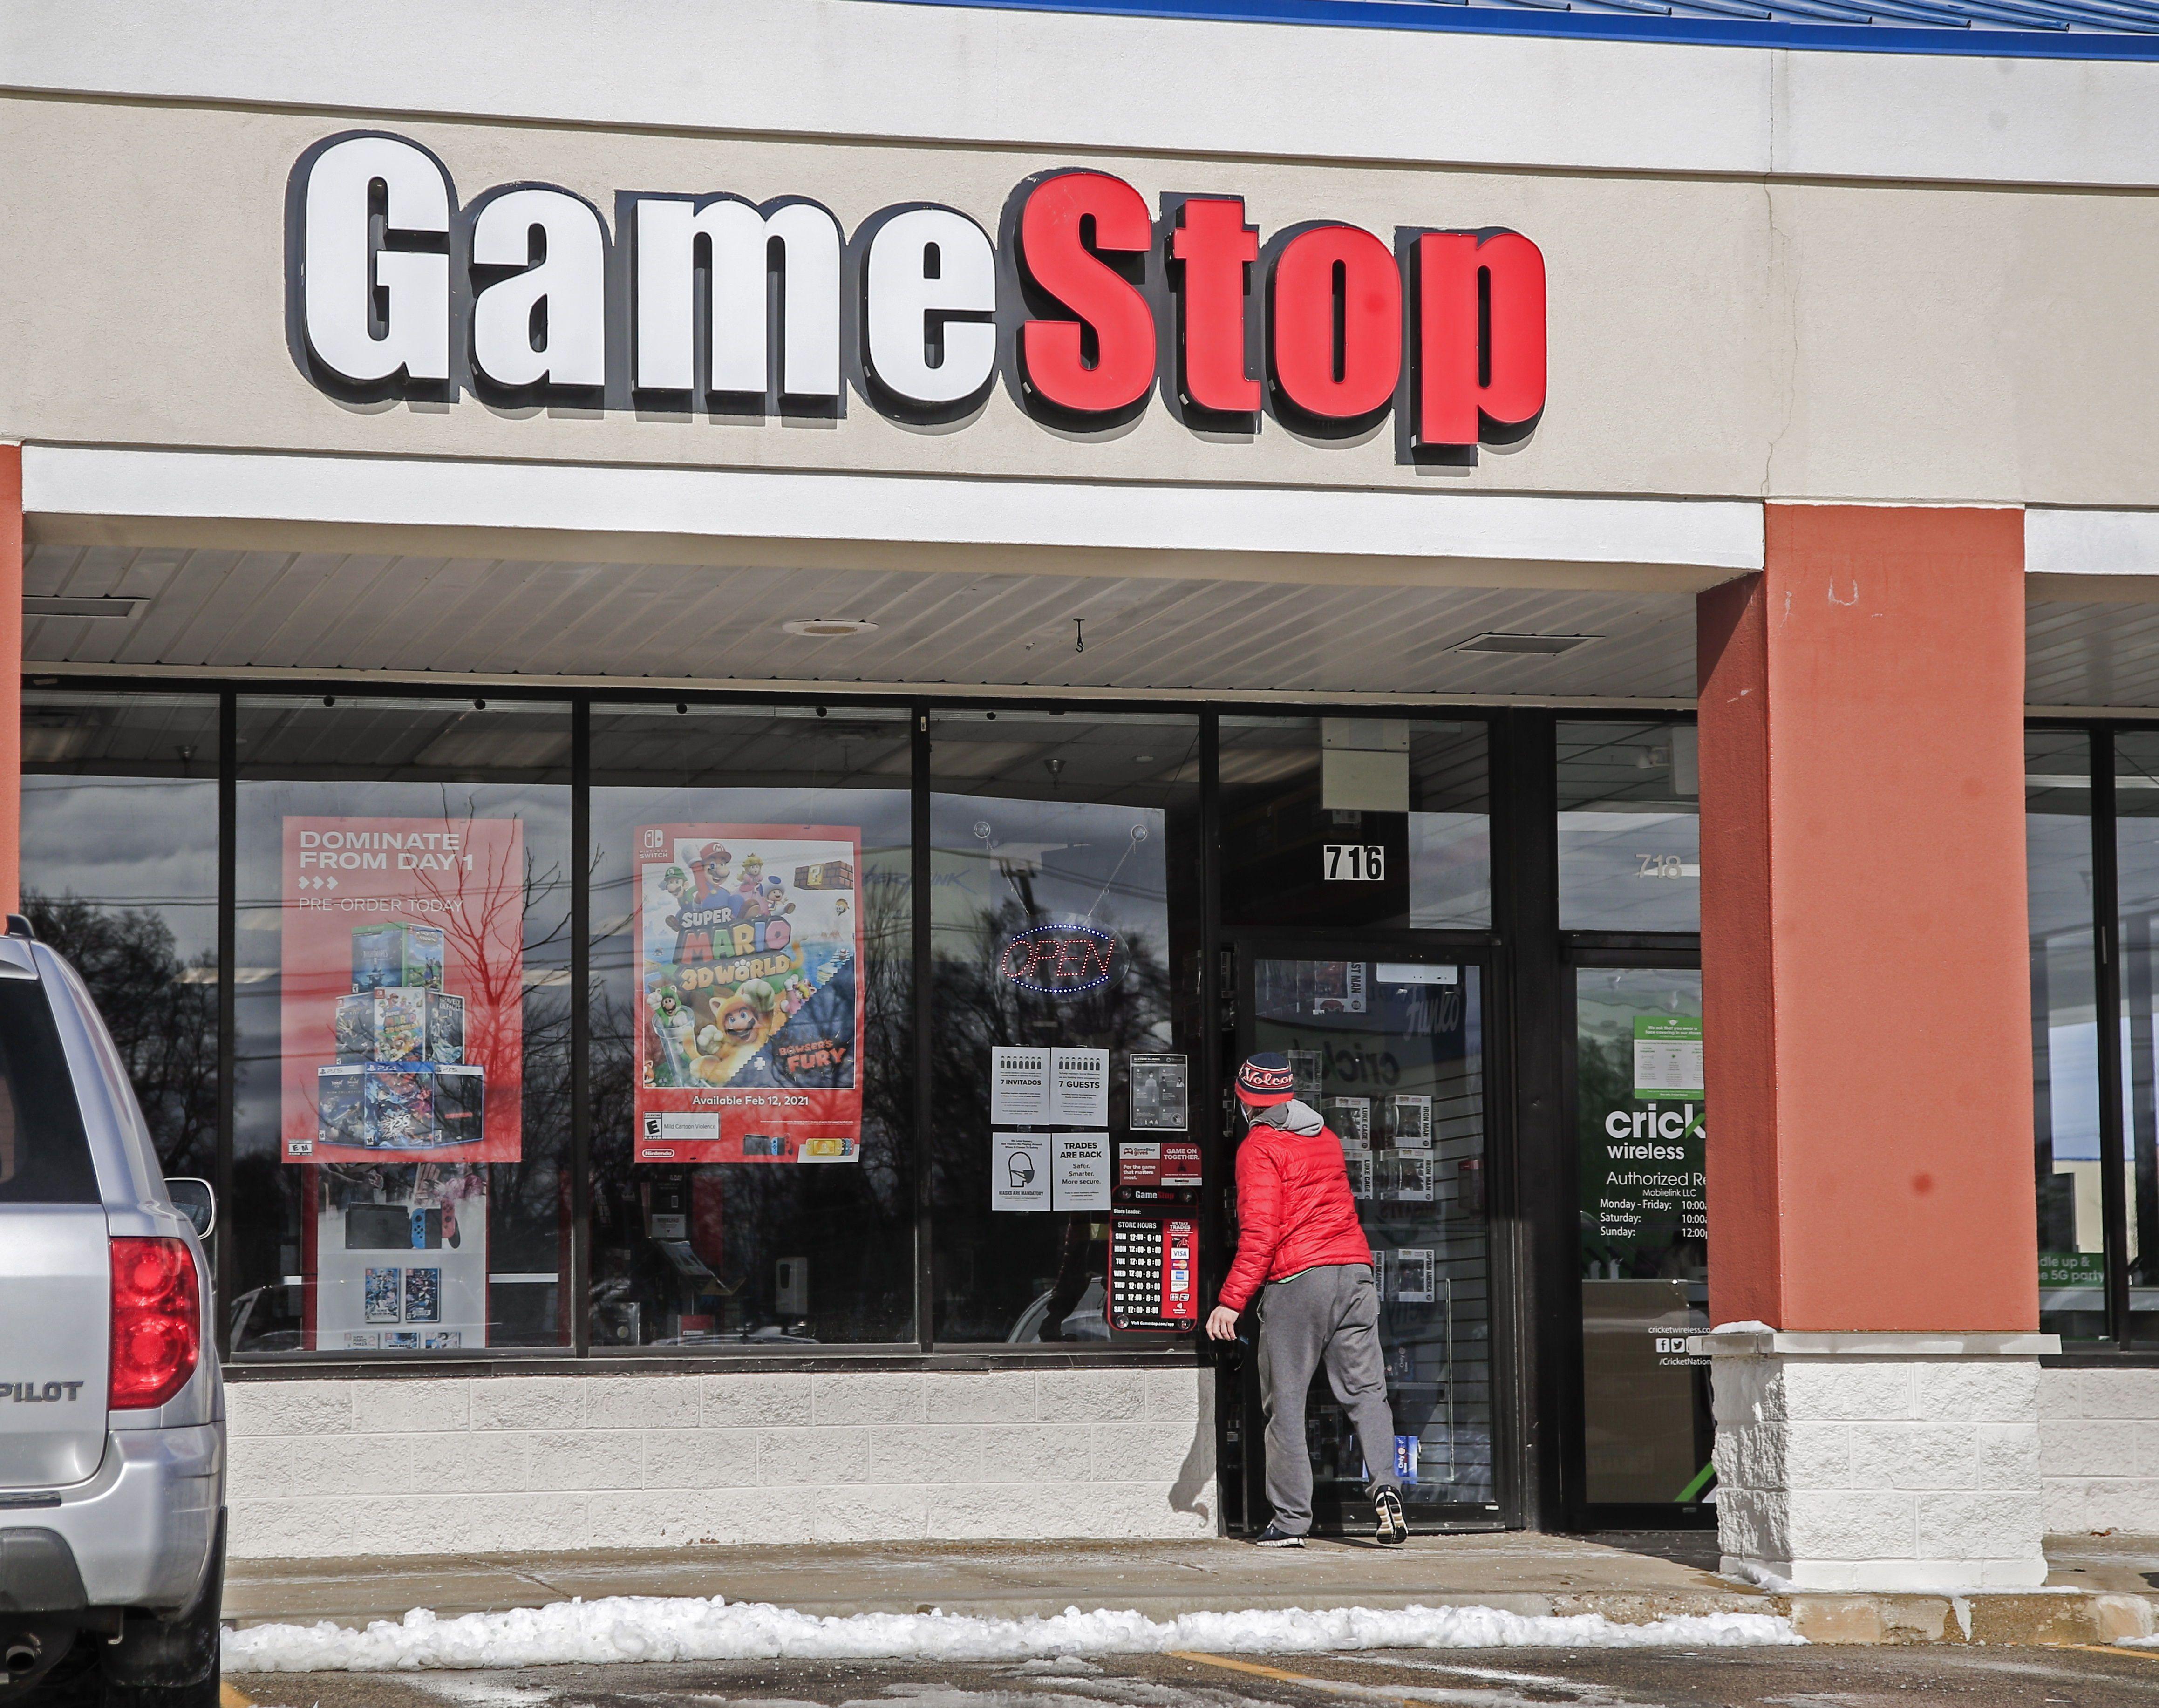 Un cliente entra a una tienda de GameStop en Round Lake Beach, Illinois (EE.UU.), este 27 de enero de 2021. EFE/Tannen Maury